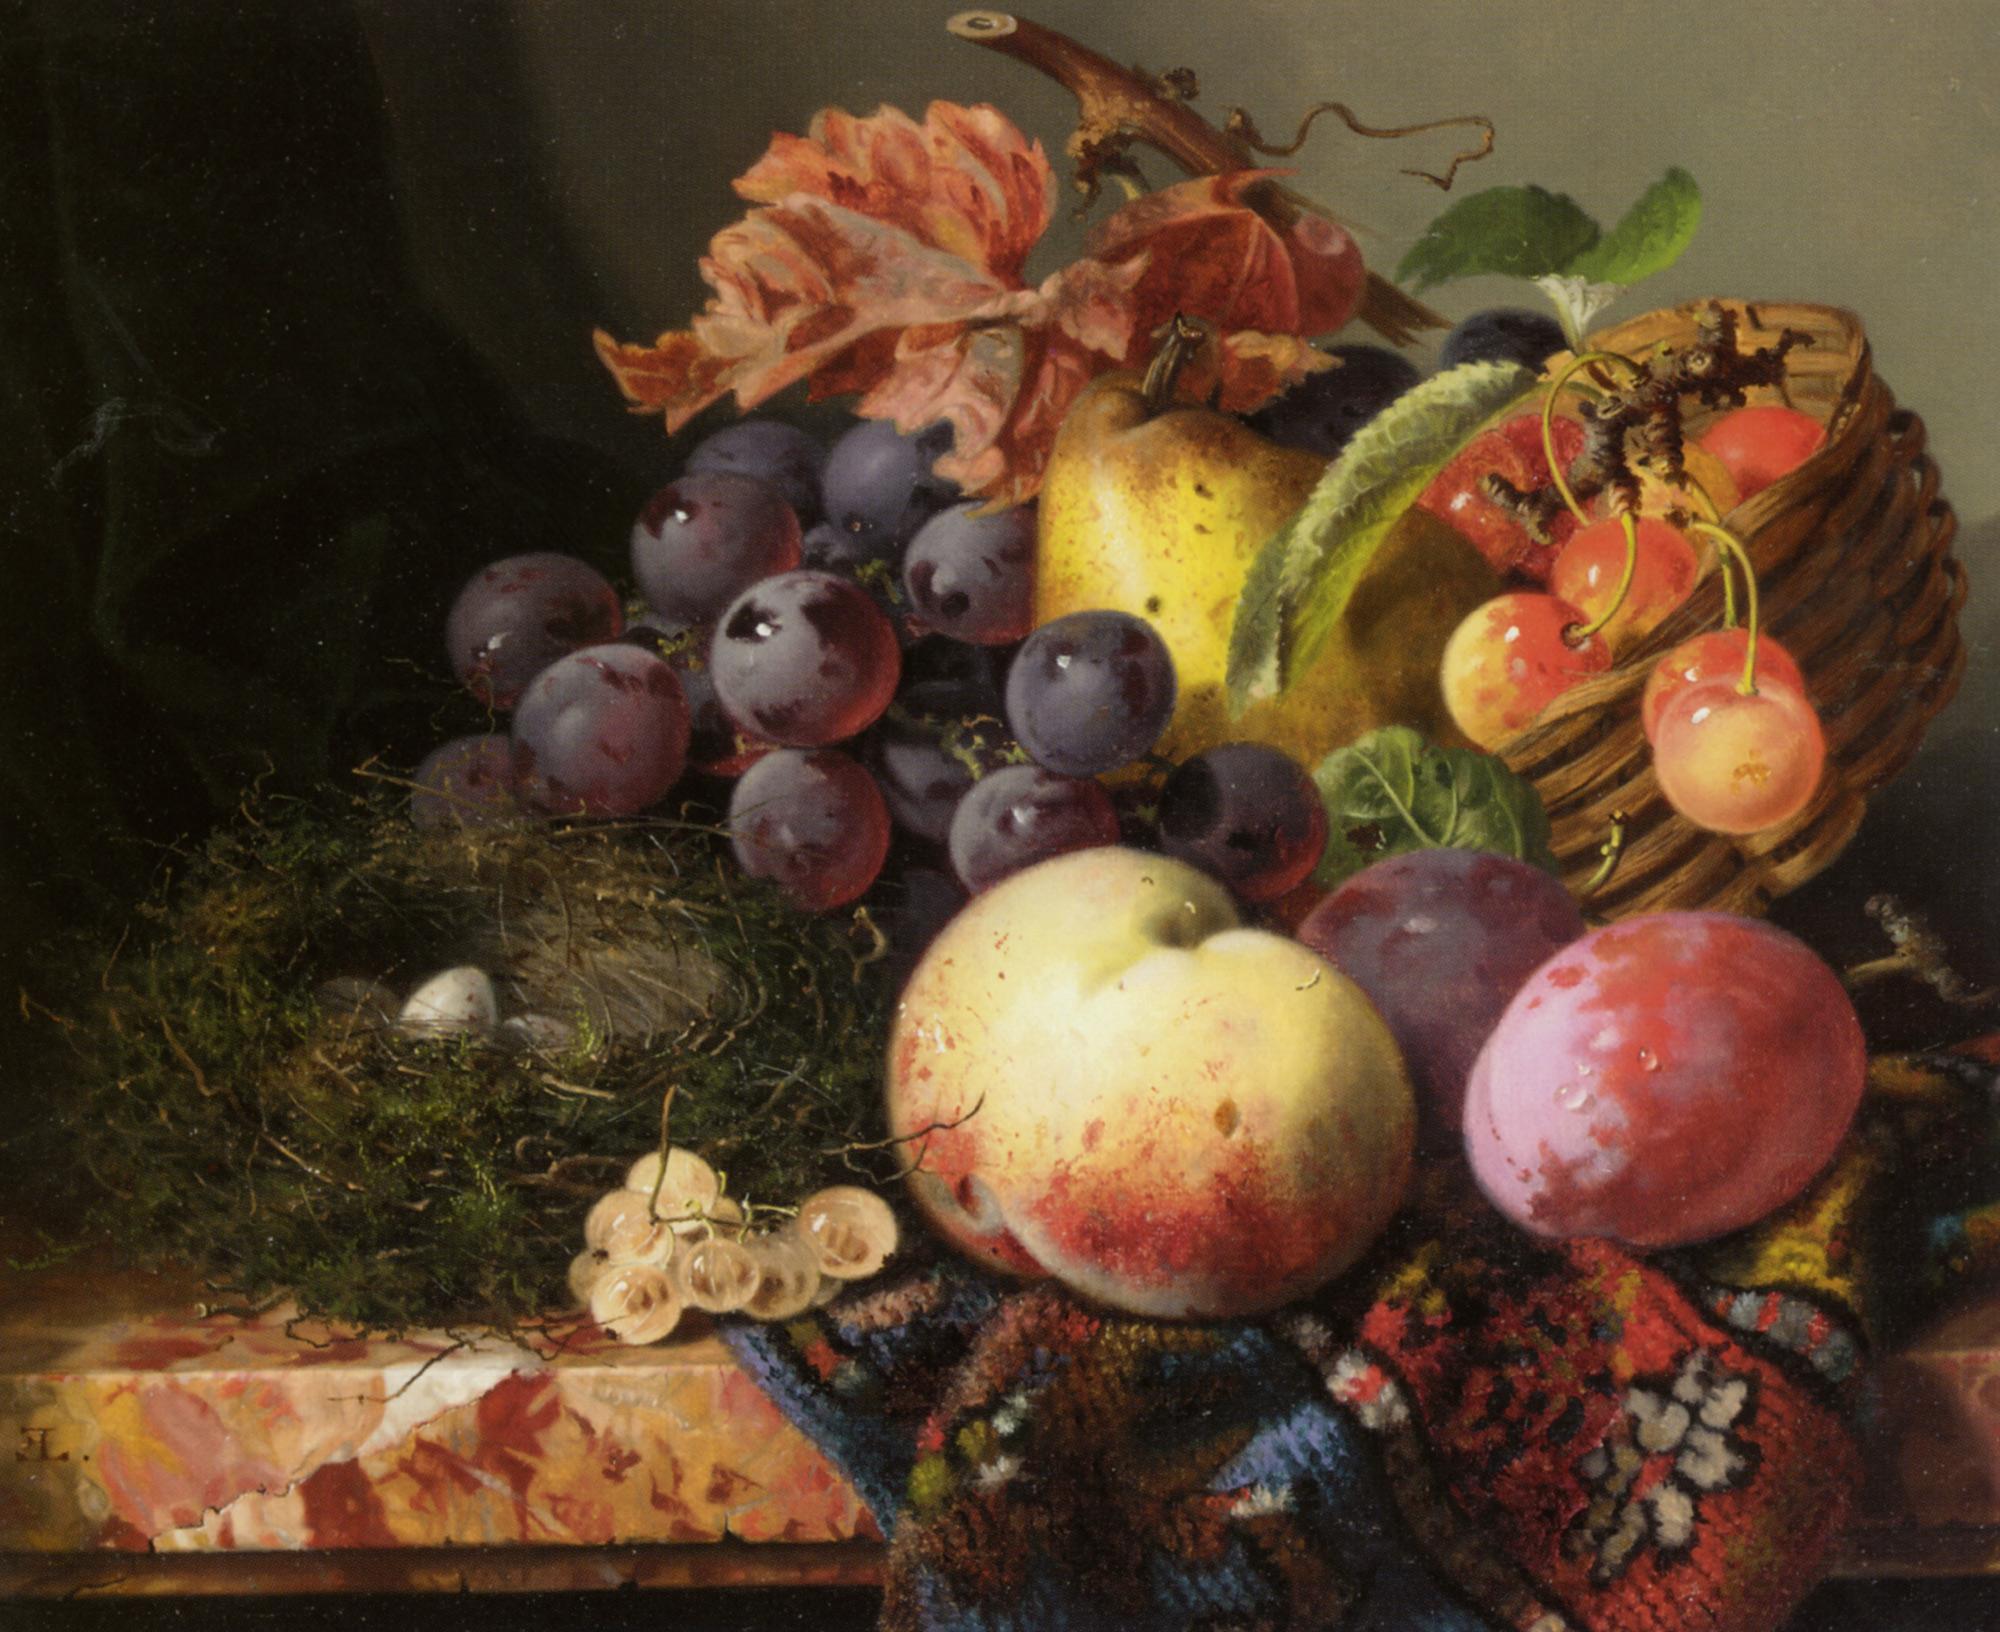 Still Life with Birds Nest and Fruit :: Edward Ladell - Still-lives with fruit ôîòî